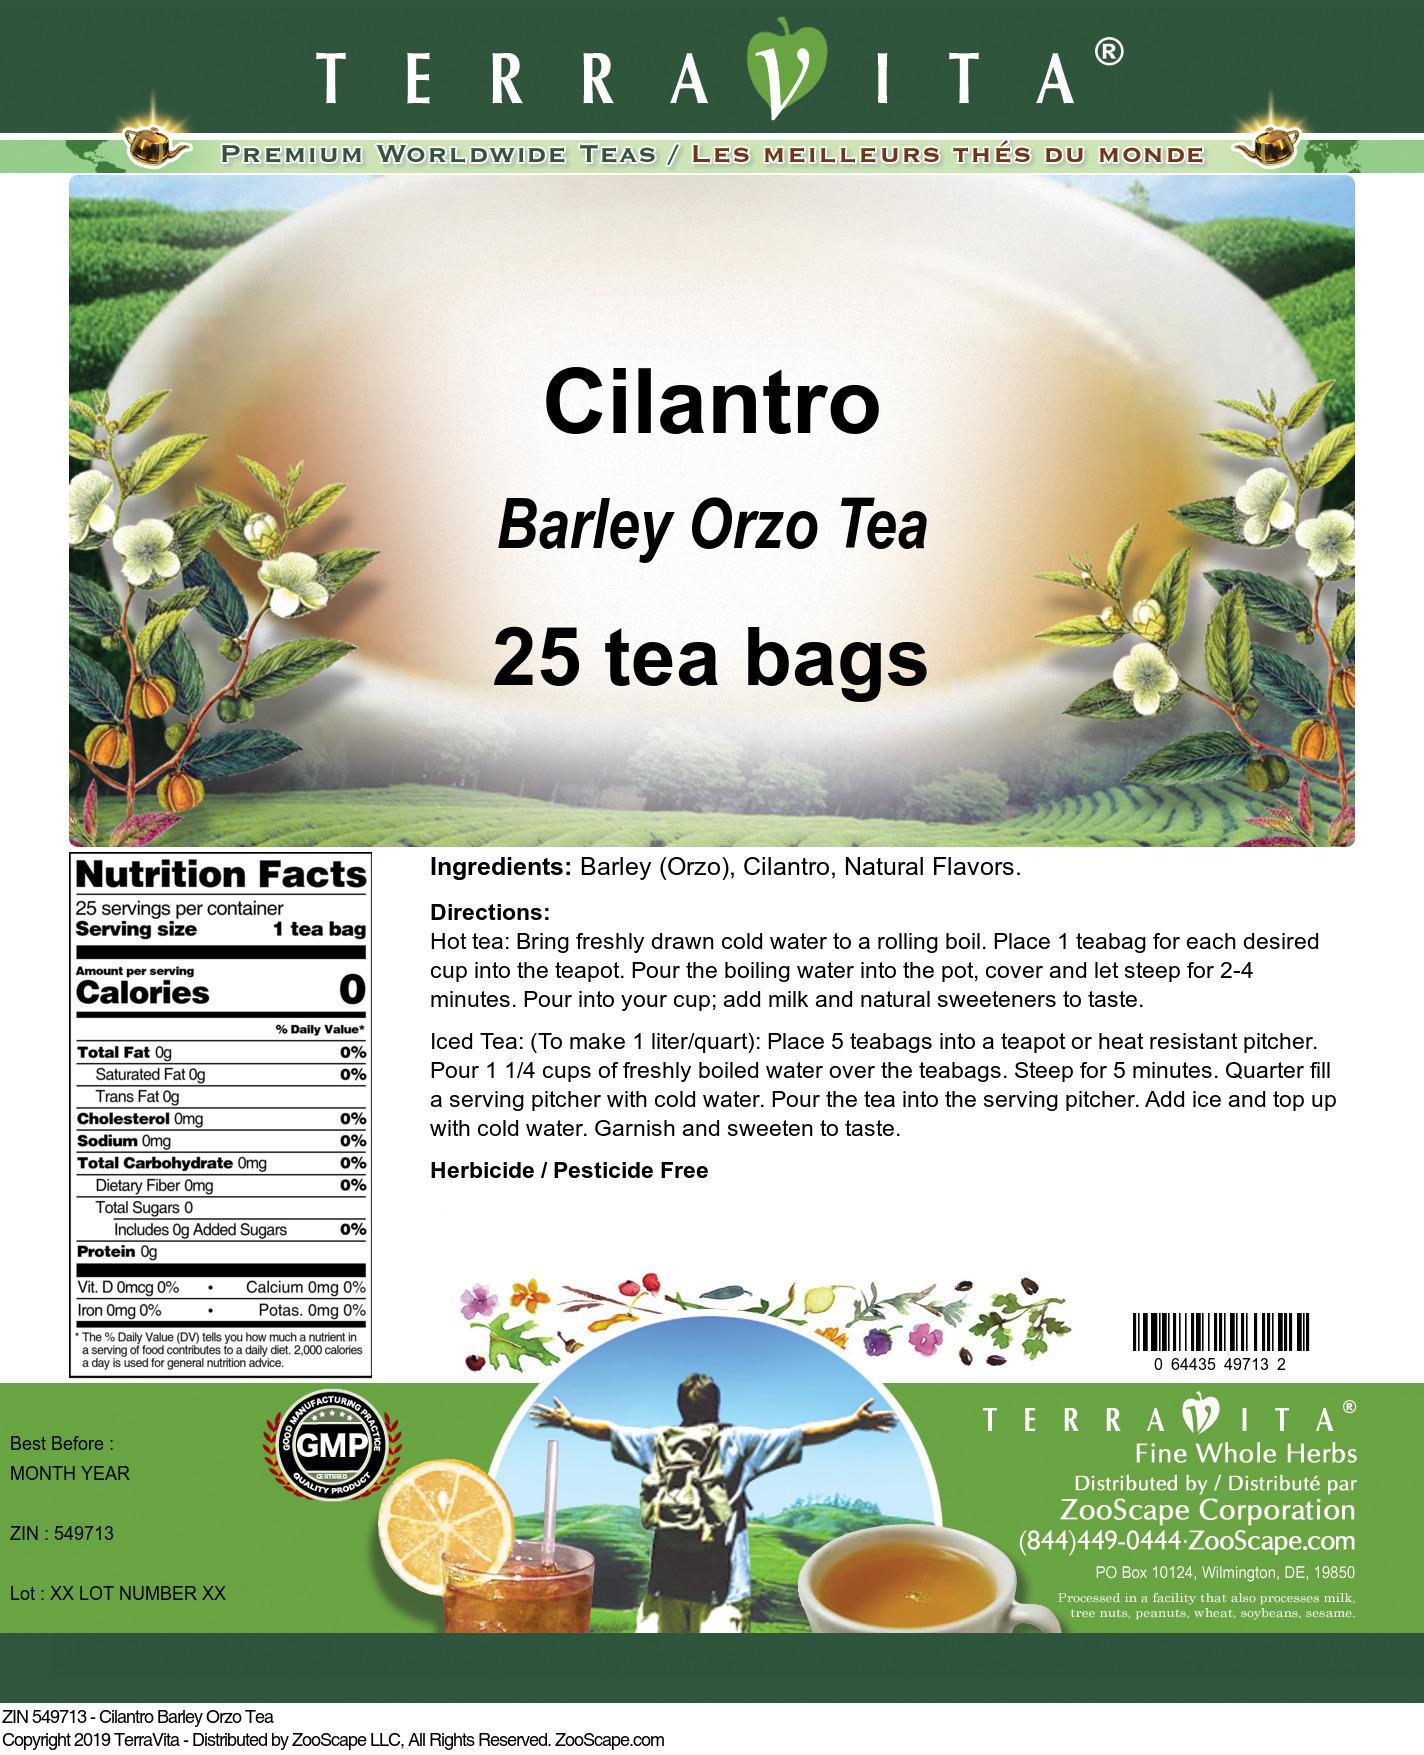 Cilantro Barley Orzo Tea